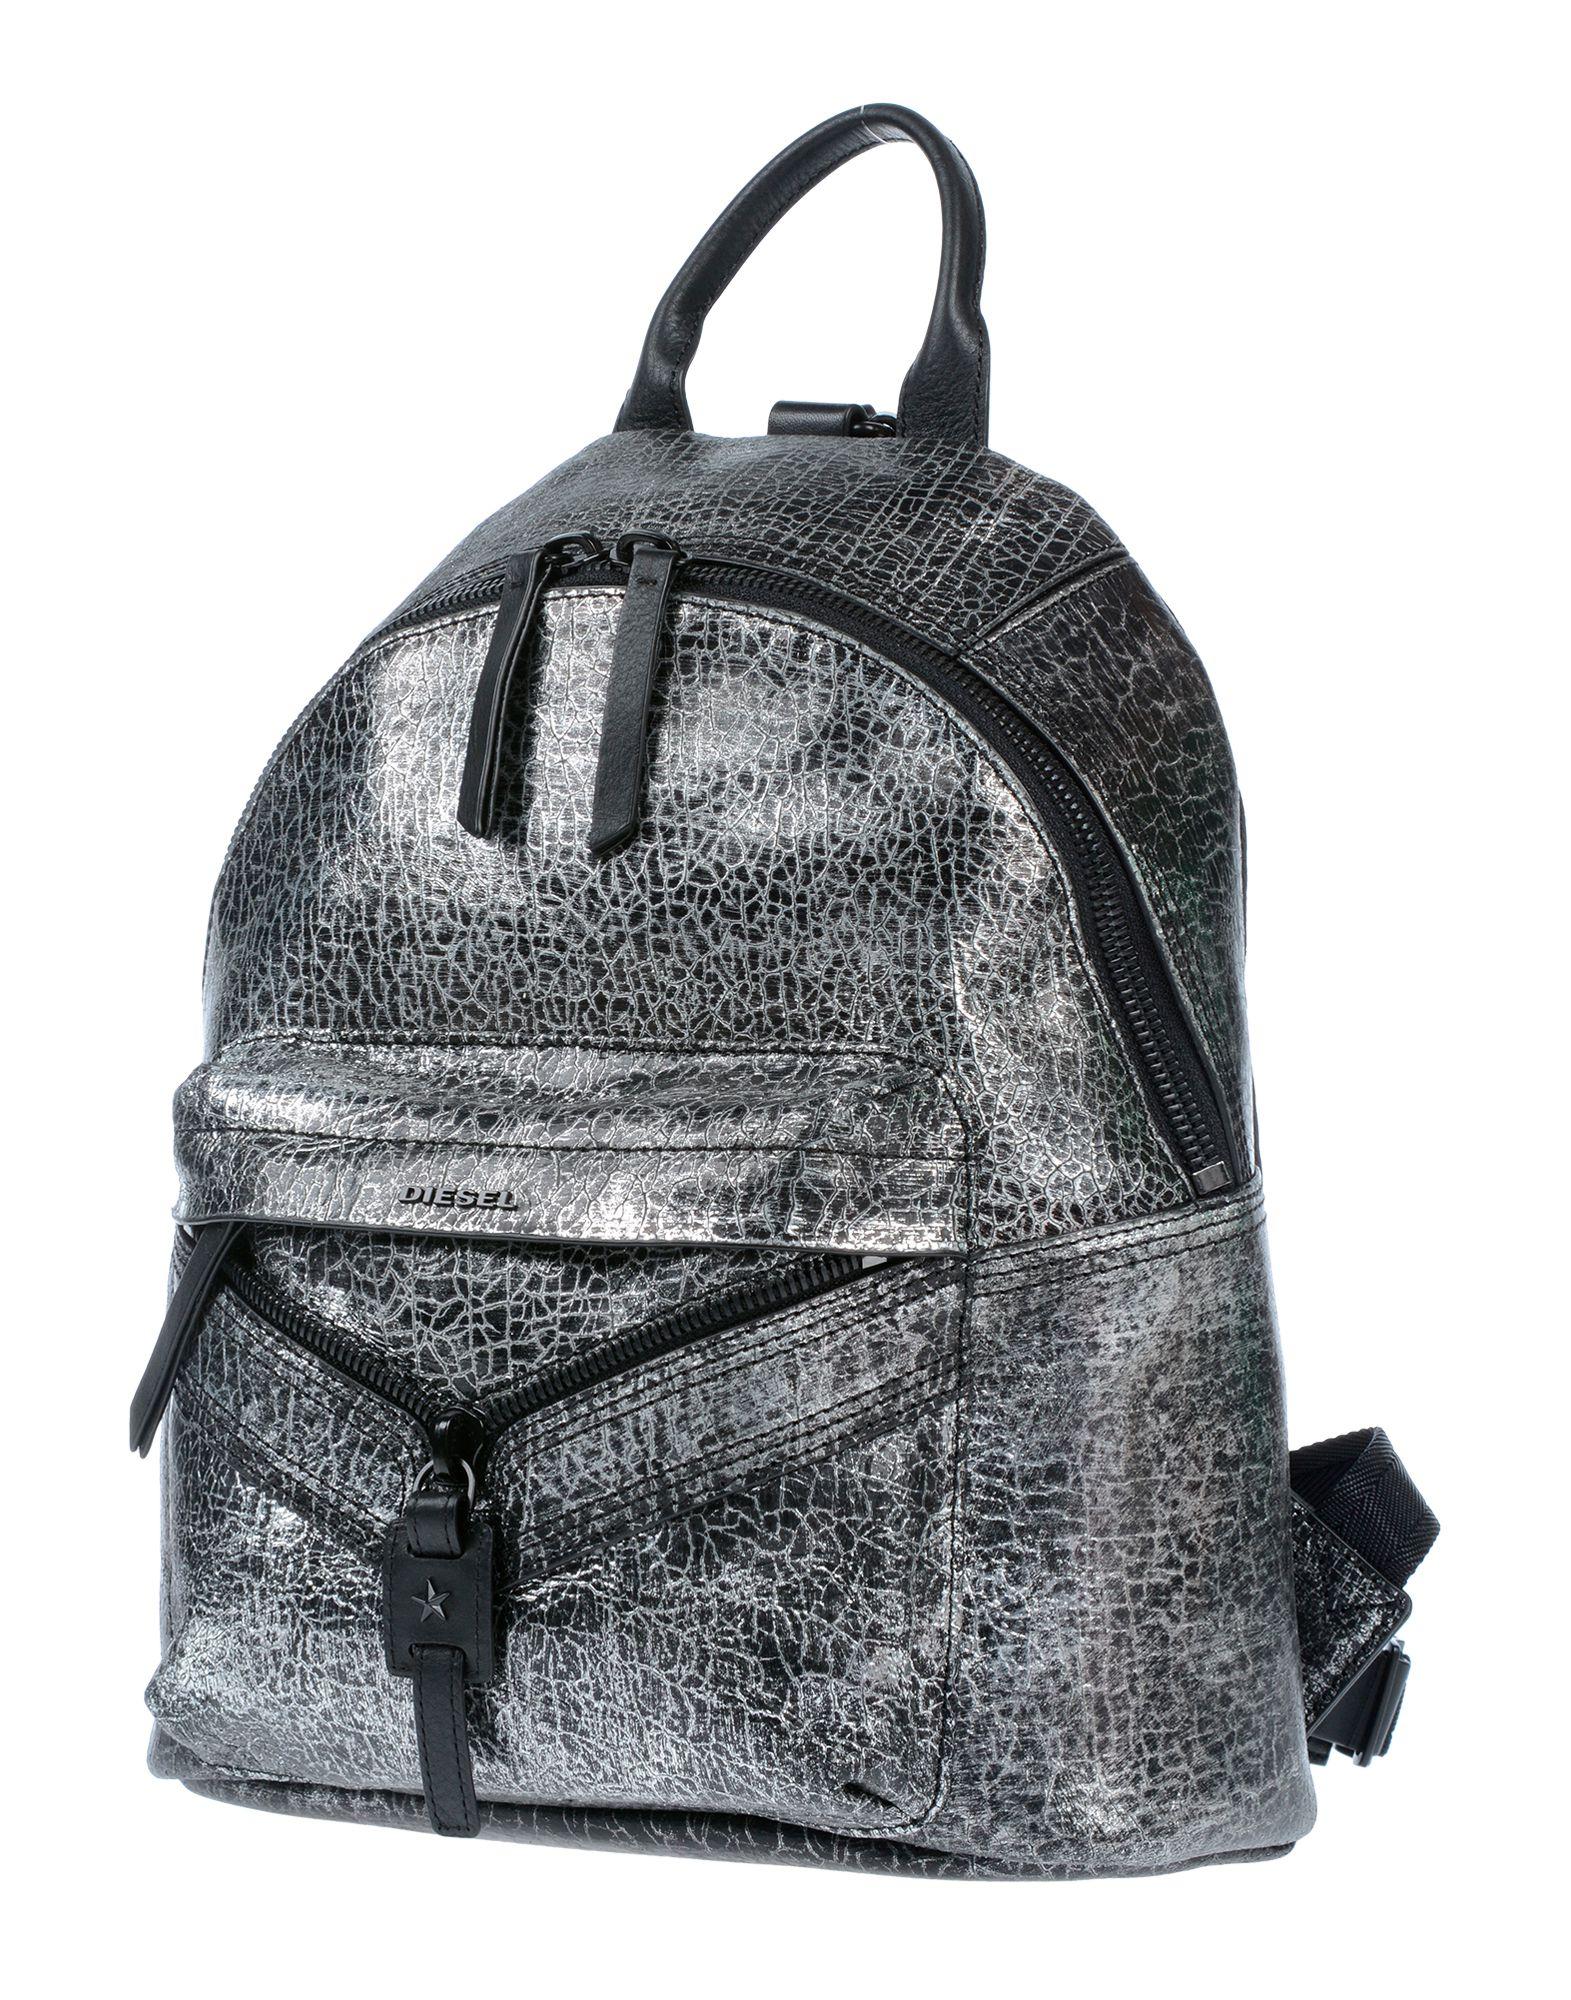 DIESEL Рюкзаки и сумки на пояс рюкзаки diesel x04822 pr886 h1146